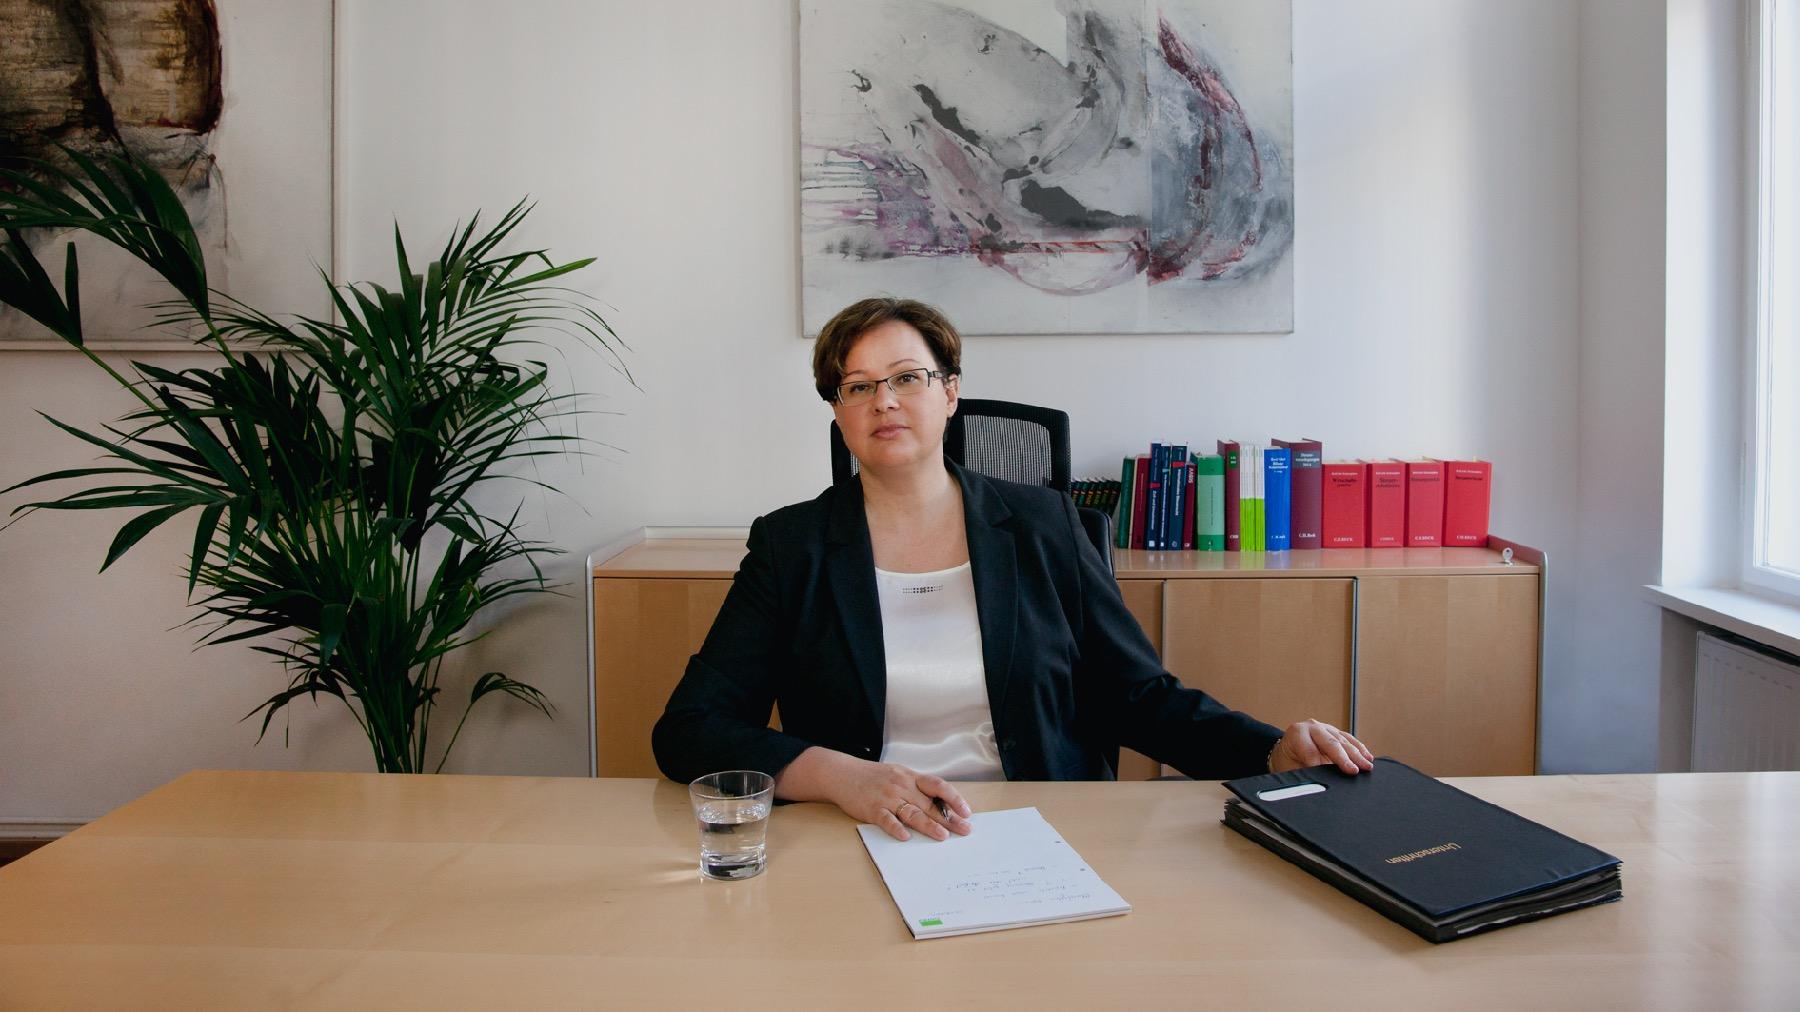 Steuerberatorin-Irina-Karow